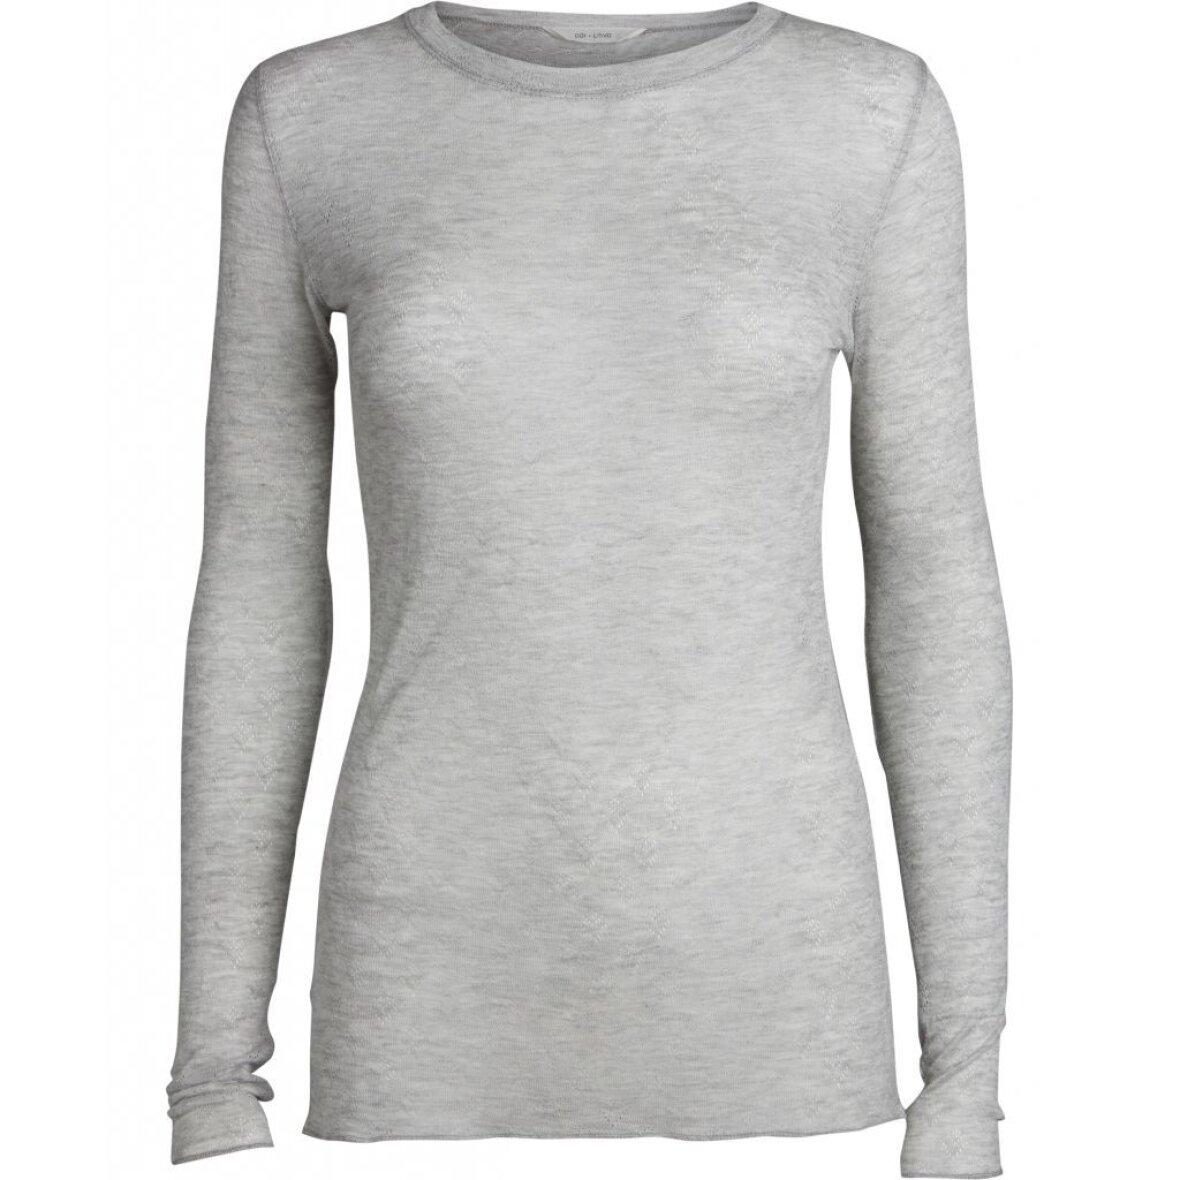 Fin Fermi, Langærmet T-Shirt fra Gai + Lisva GY-12